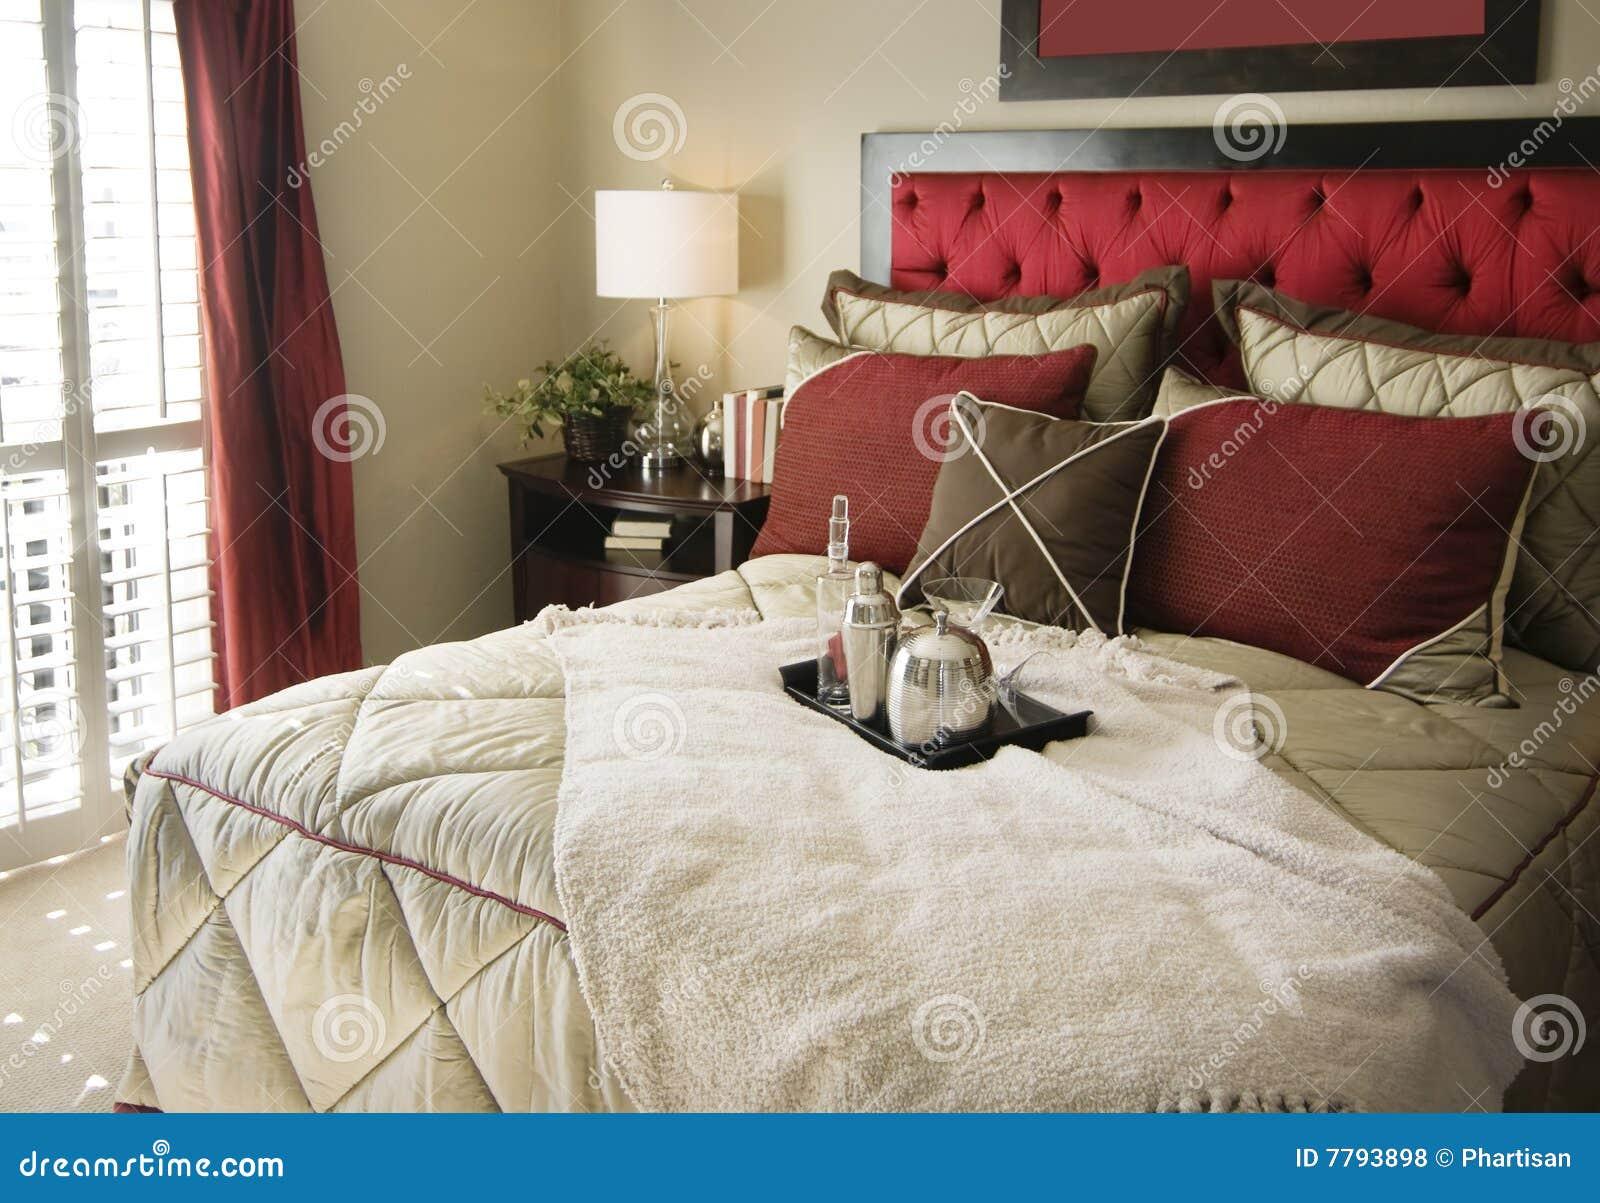 Mooi slaapkamer binnenlands ontwerp royalty vrije stock foto's ...